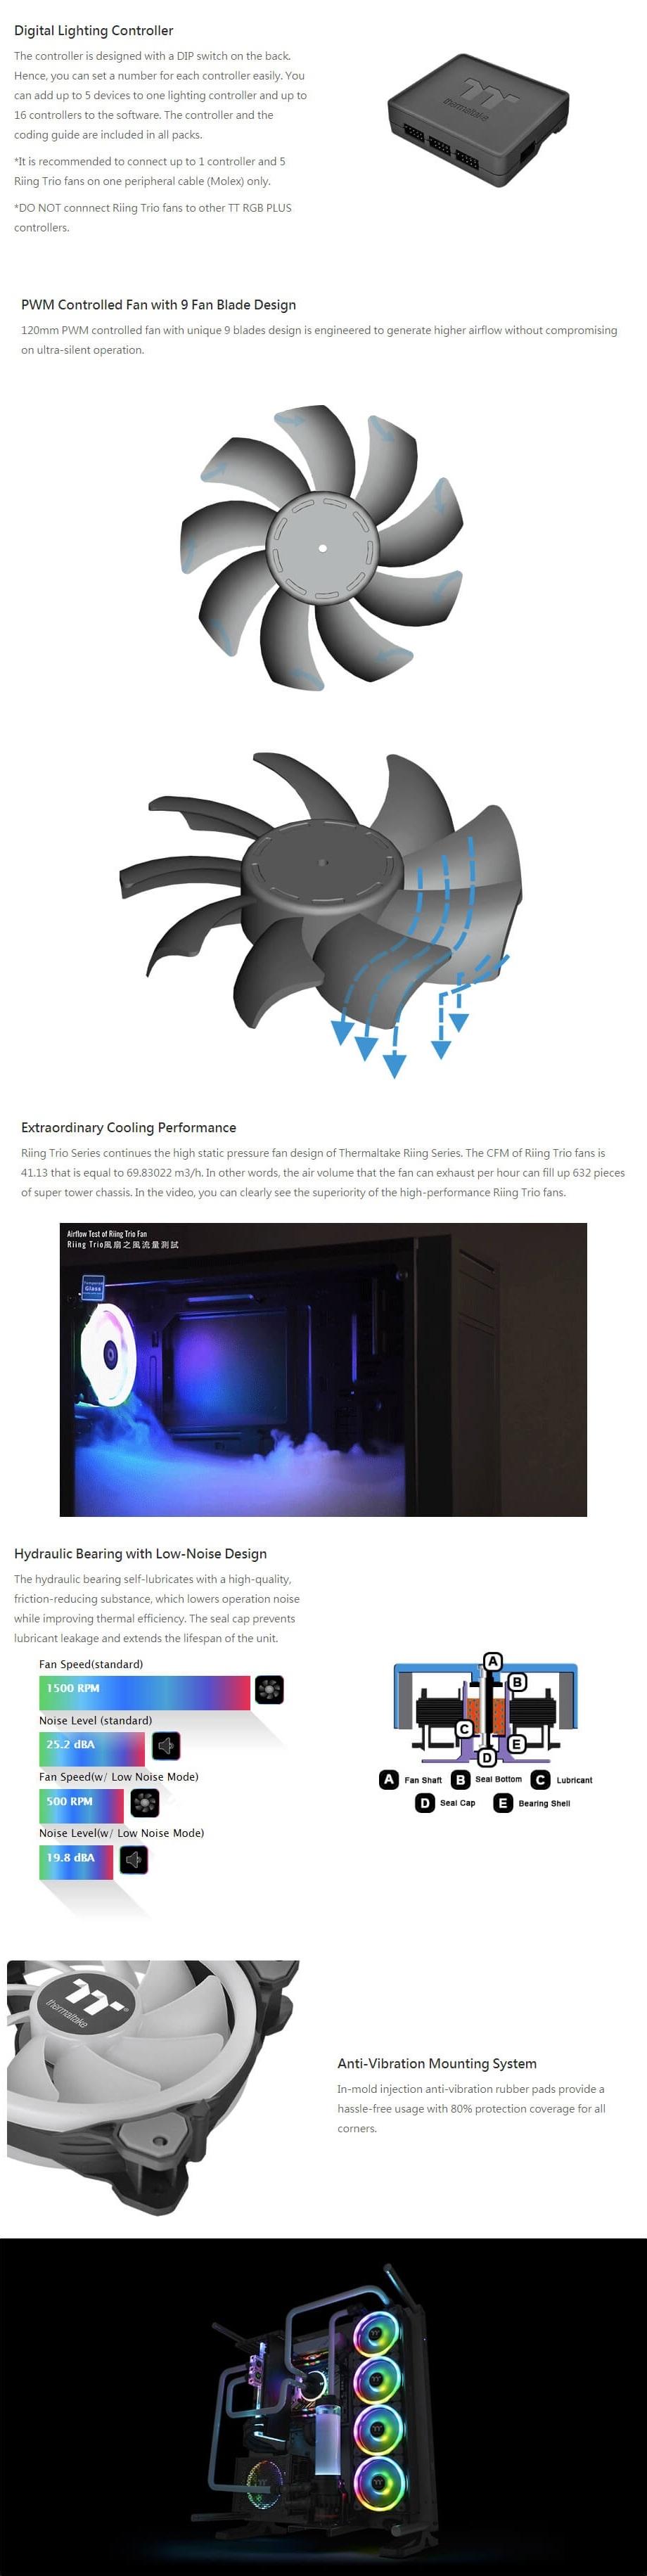 Thermaltake Riing Trio 12 LED RGB 120mm TT Premium Edition 3-Pack Fan